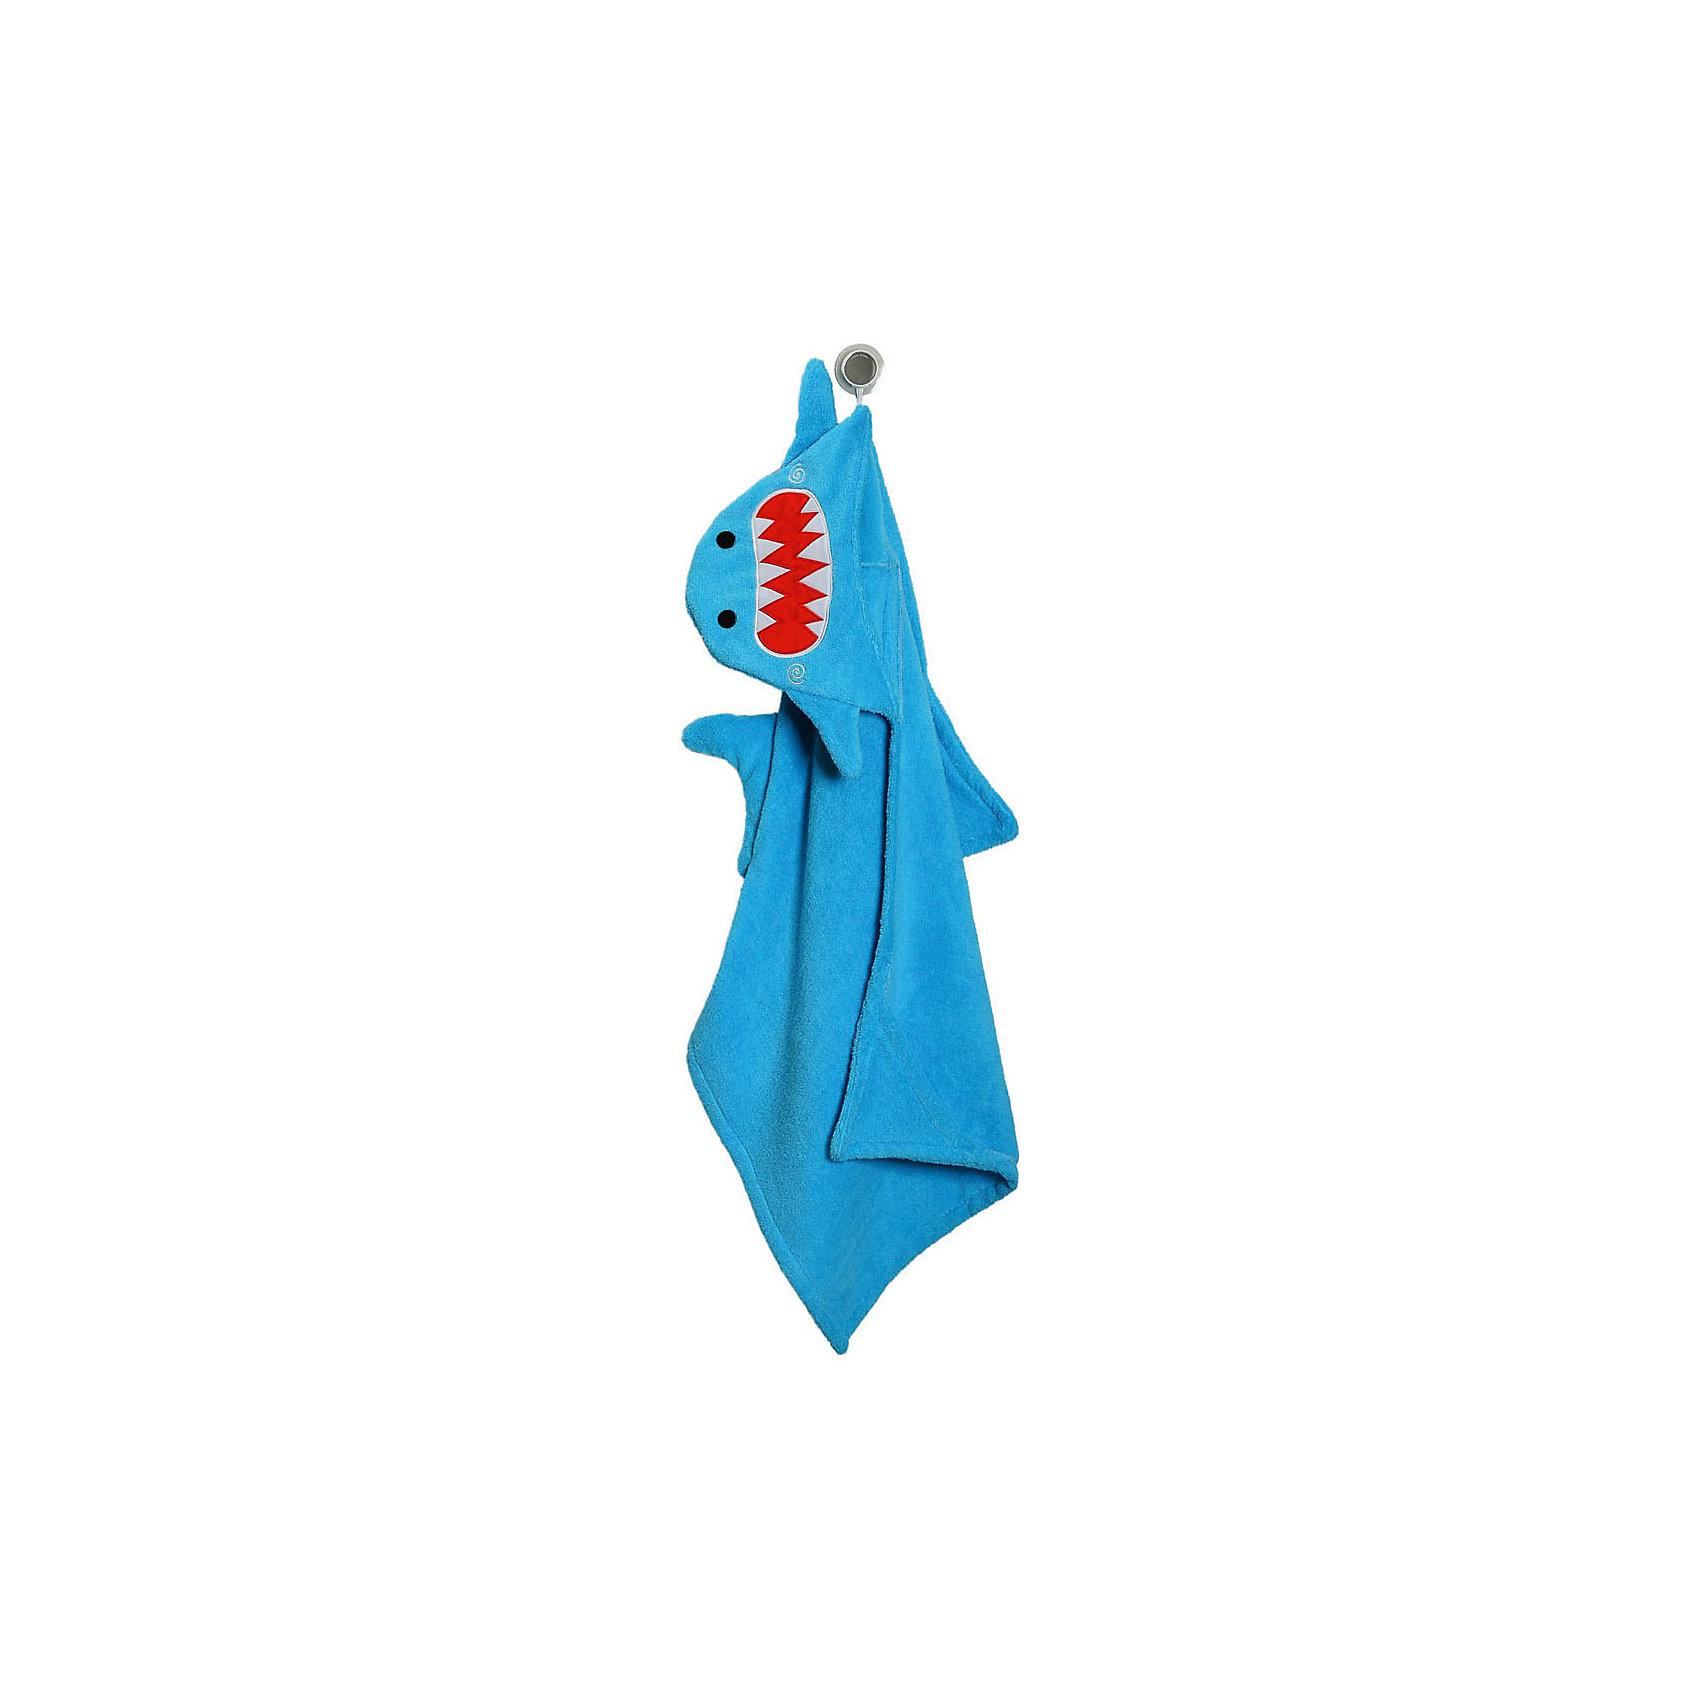 ��������� � ��������� Sherman the Shark (�� 2 ���), Zoocchini